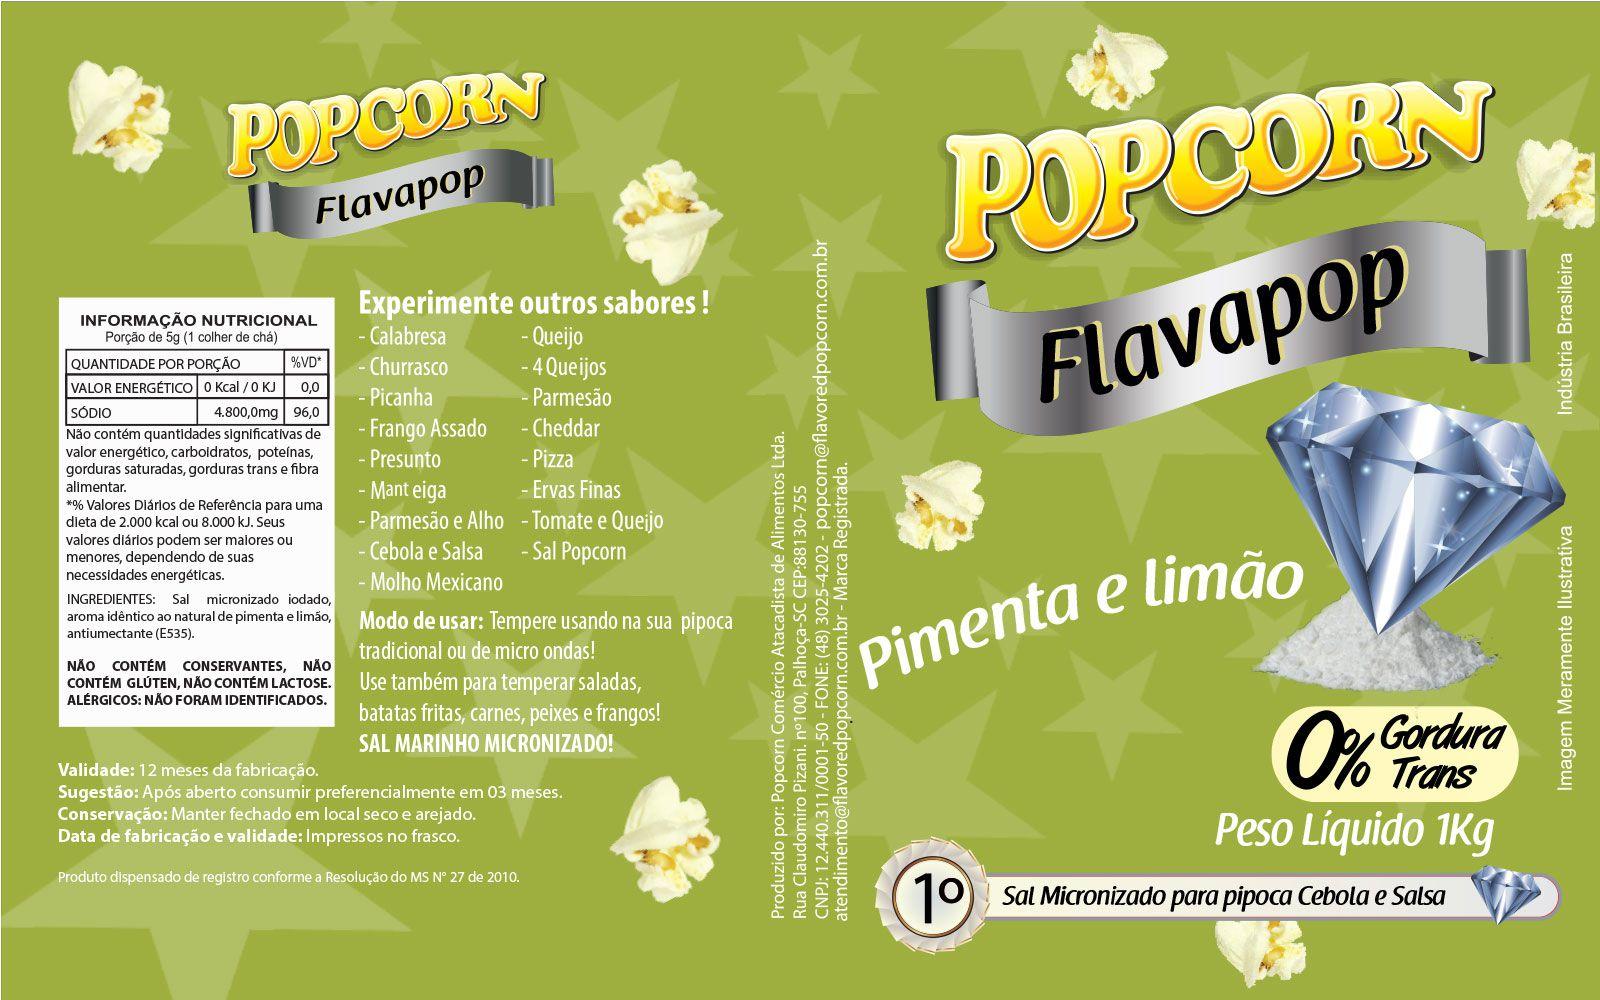 FLAVAPOP - Original de cinema -  Pimenta e limão - Micronizado Popcorn  - Pct 1kg